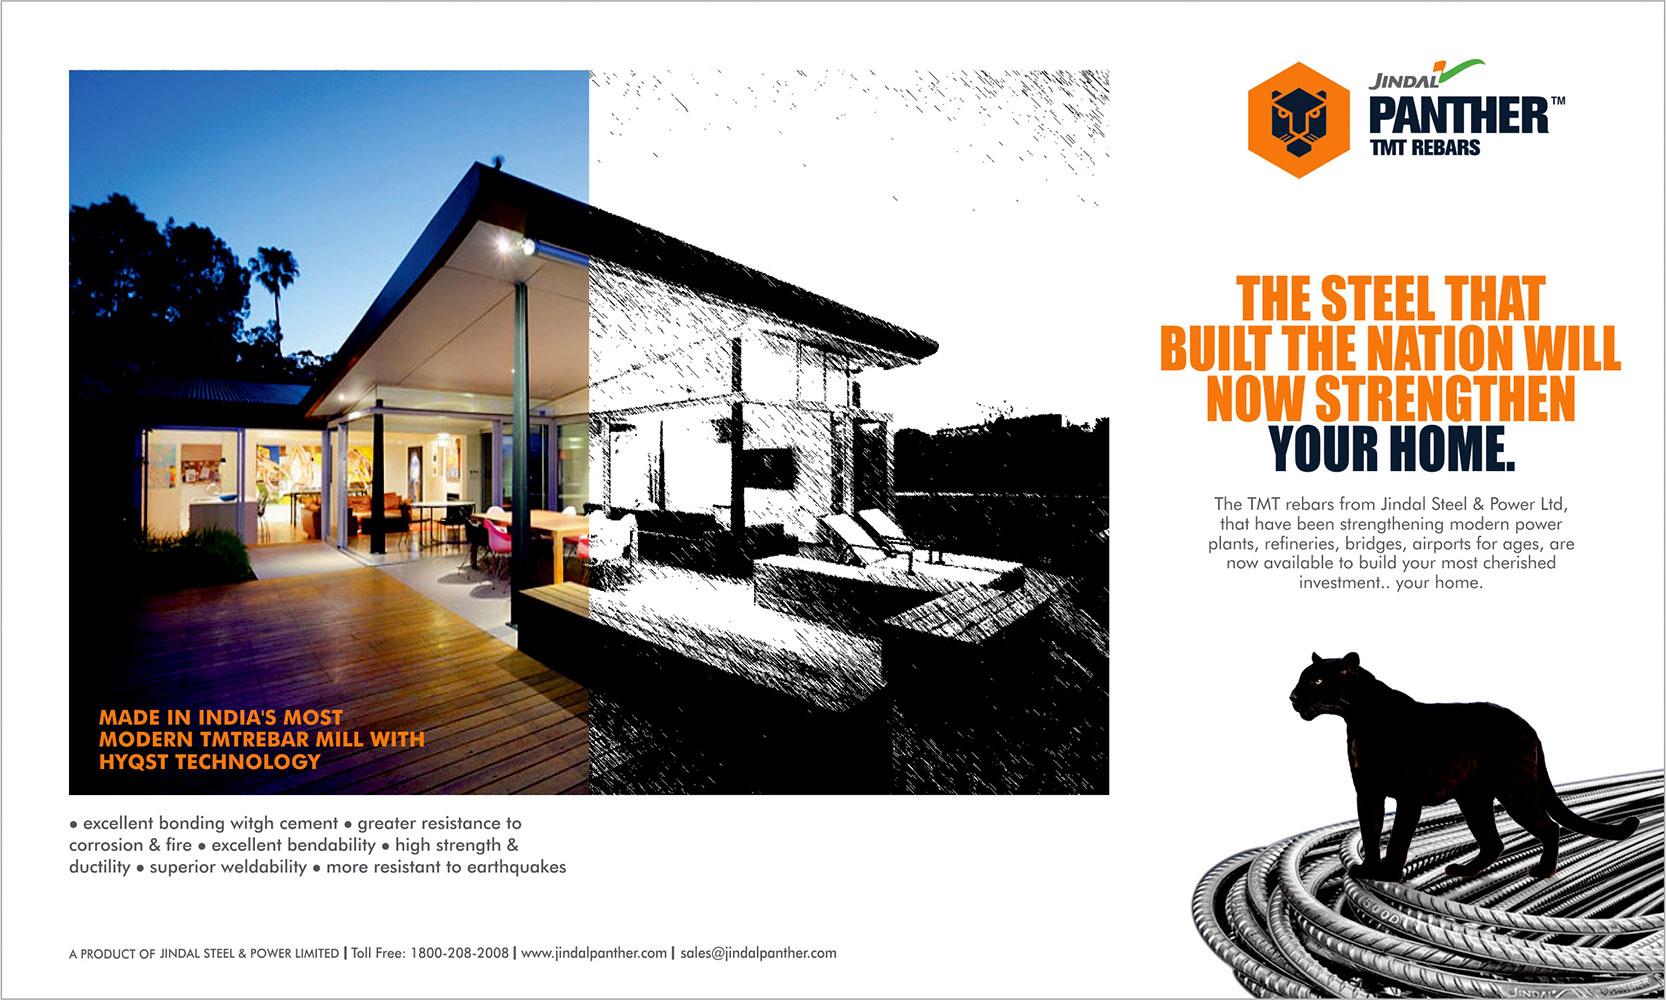 print ad design work portfolio delhi  india